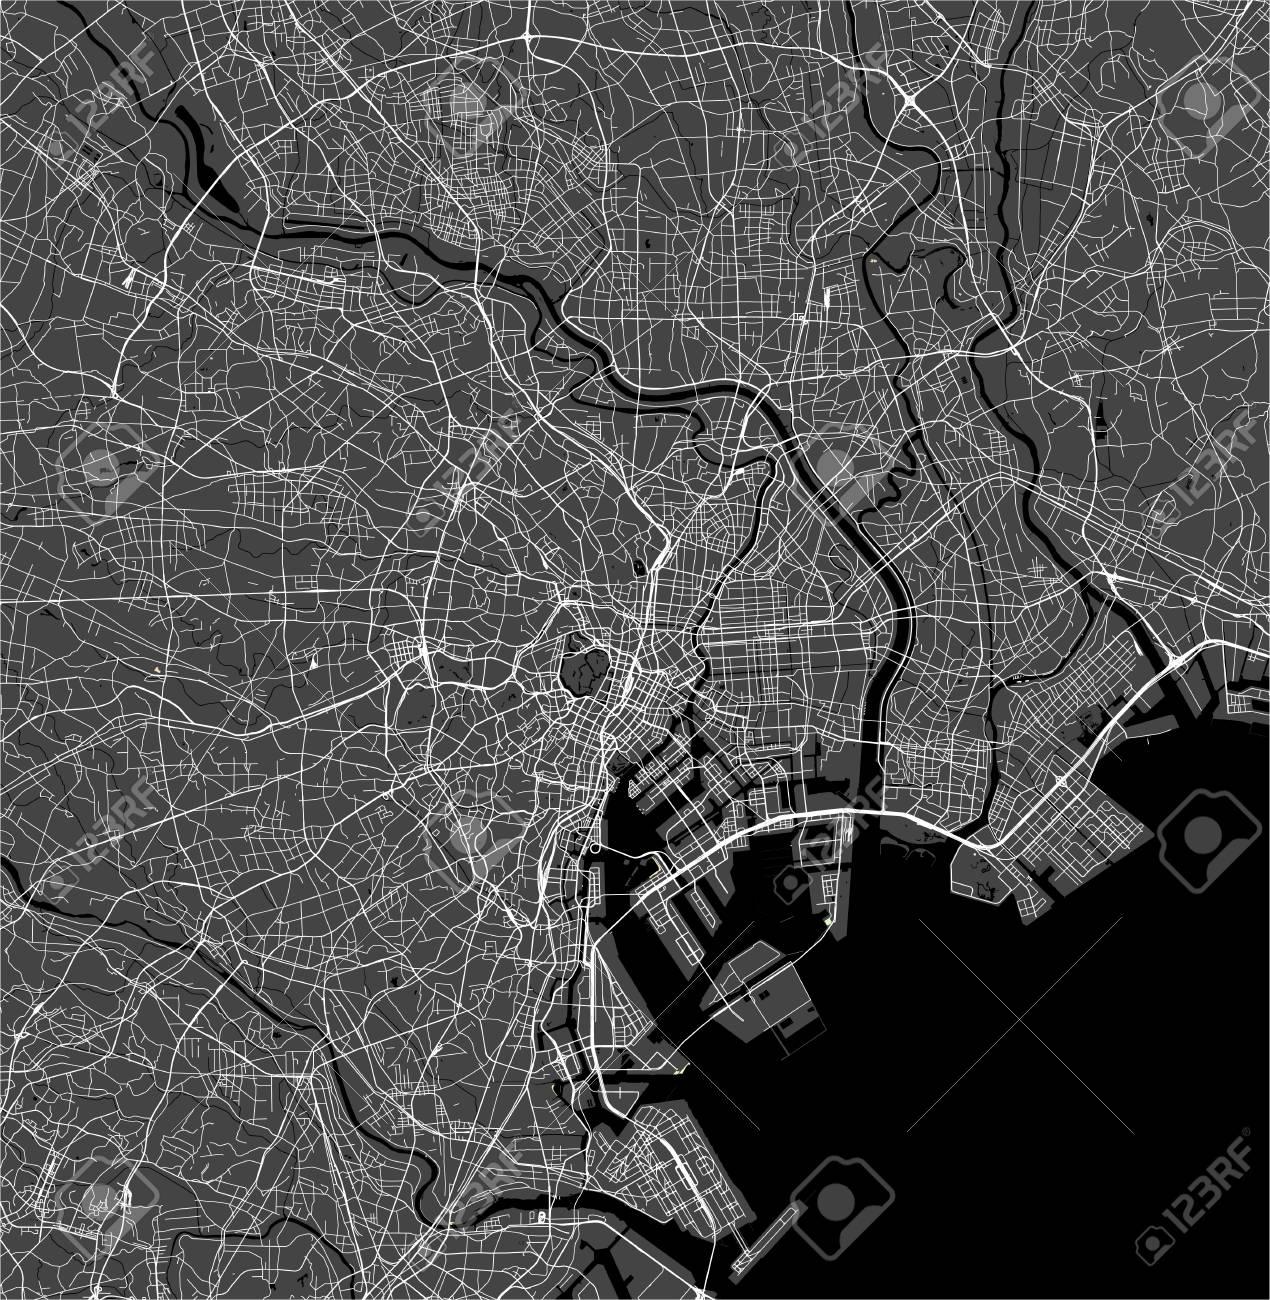 vector map of the city of Tokyo, Kanto, Island Honshu, Japan on tokyo map, chubu map, kanagawa map, unova map, heartgold map, jhoto map, tohoku map, sinnoh map, london map, kyushu map, pokemon yellow map, hokkaido map, all pokemon regions world map, kyoto map, hoenn map, nara map, sevii islands map, nagasaki prefecture map, pokemon x and y map, development map,